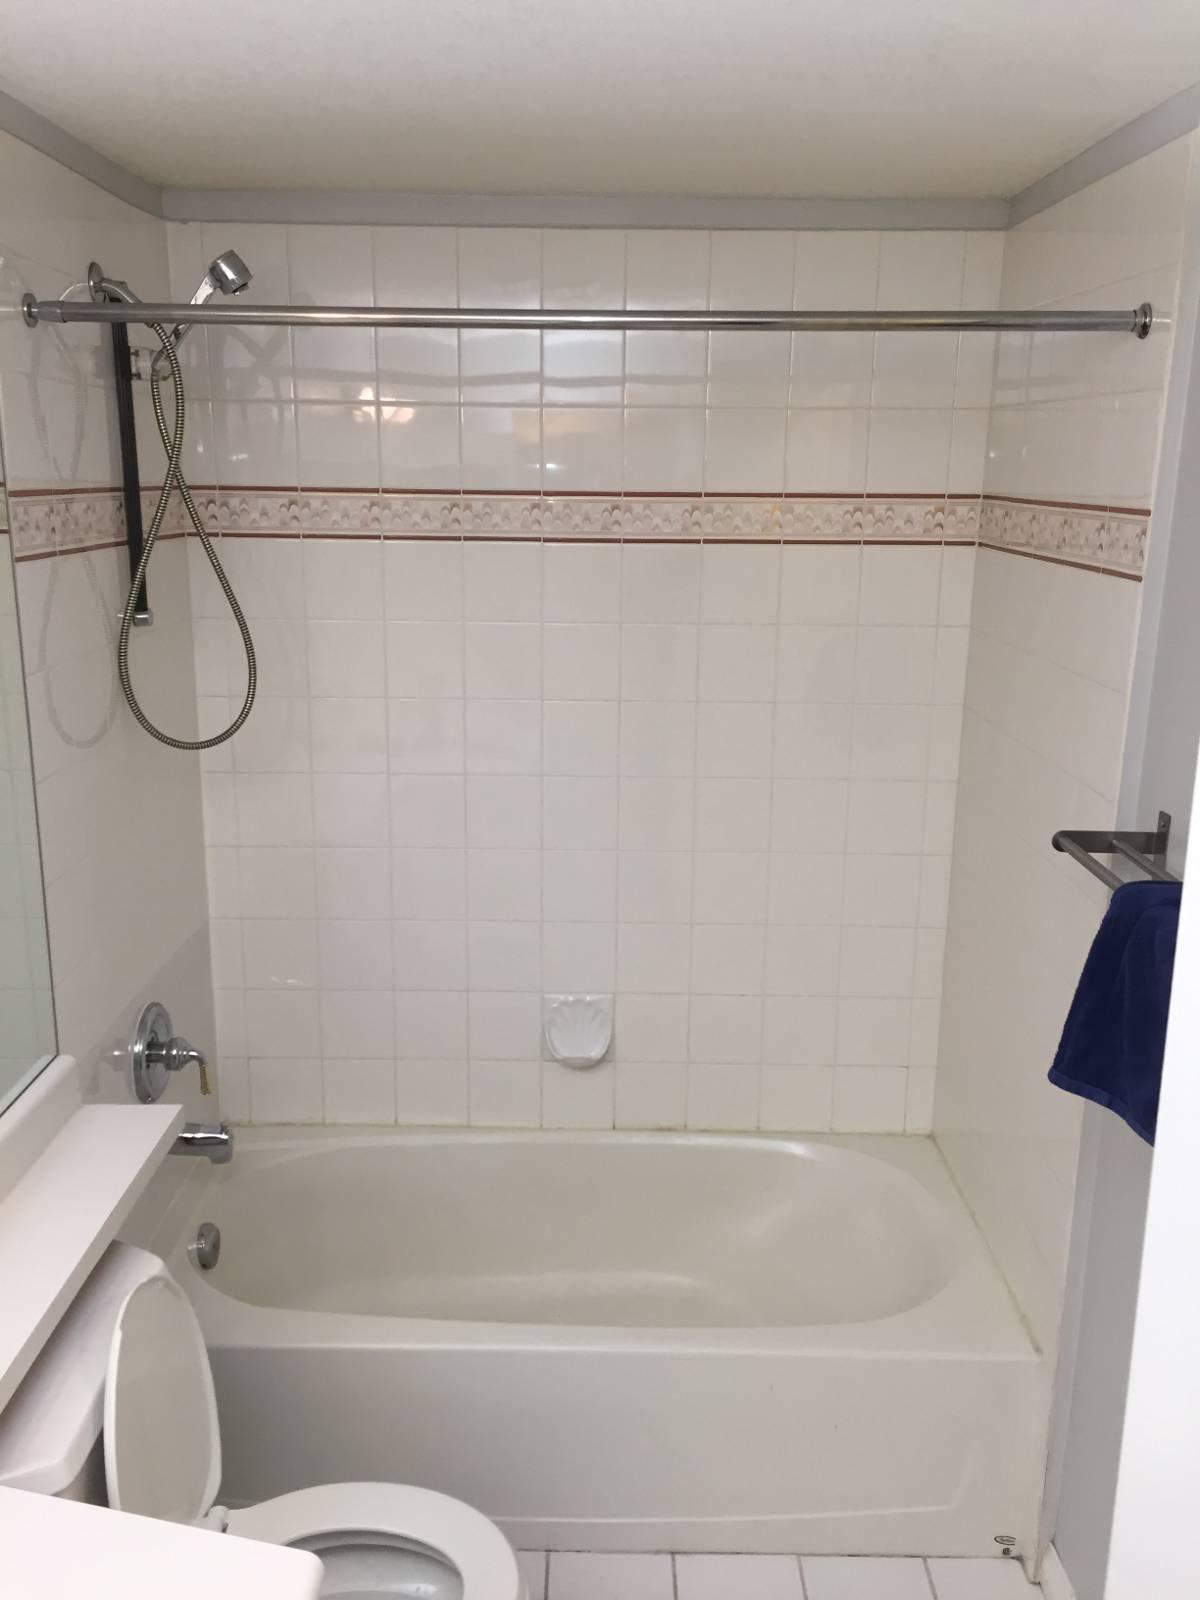 Bathroom renovation costs - Verschoor-guest-bath-before-1-1200W-70